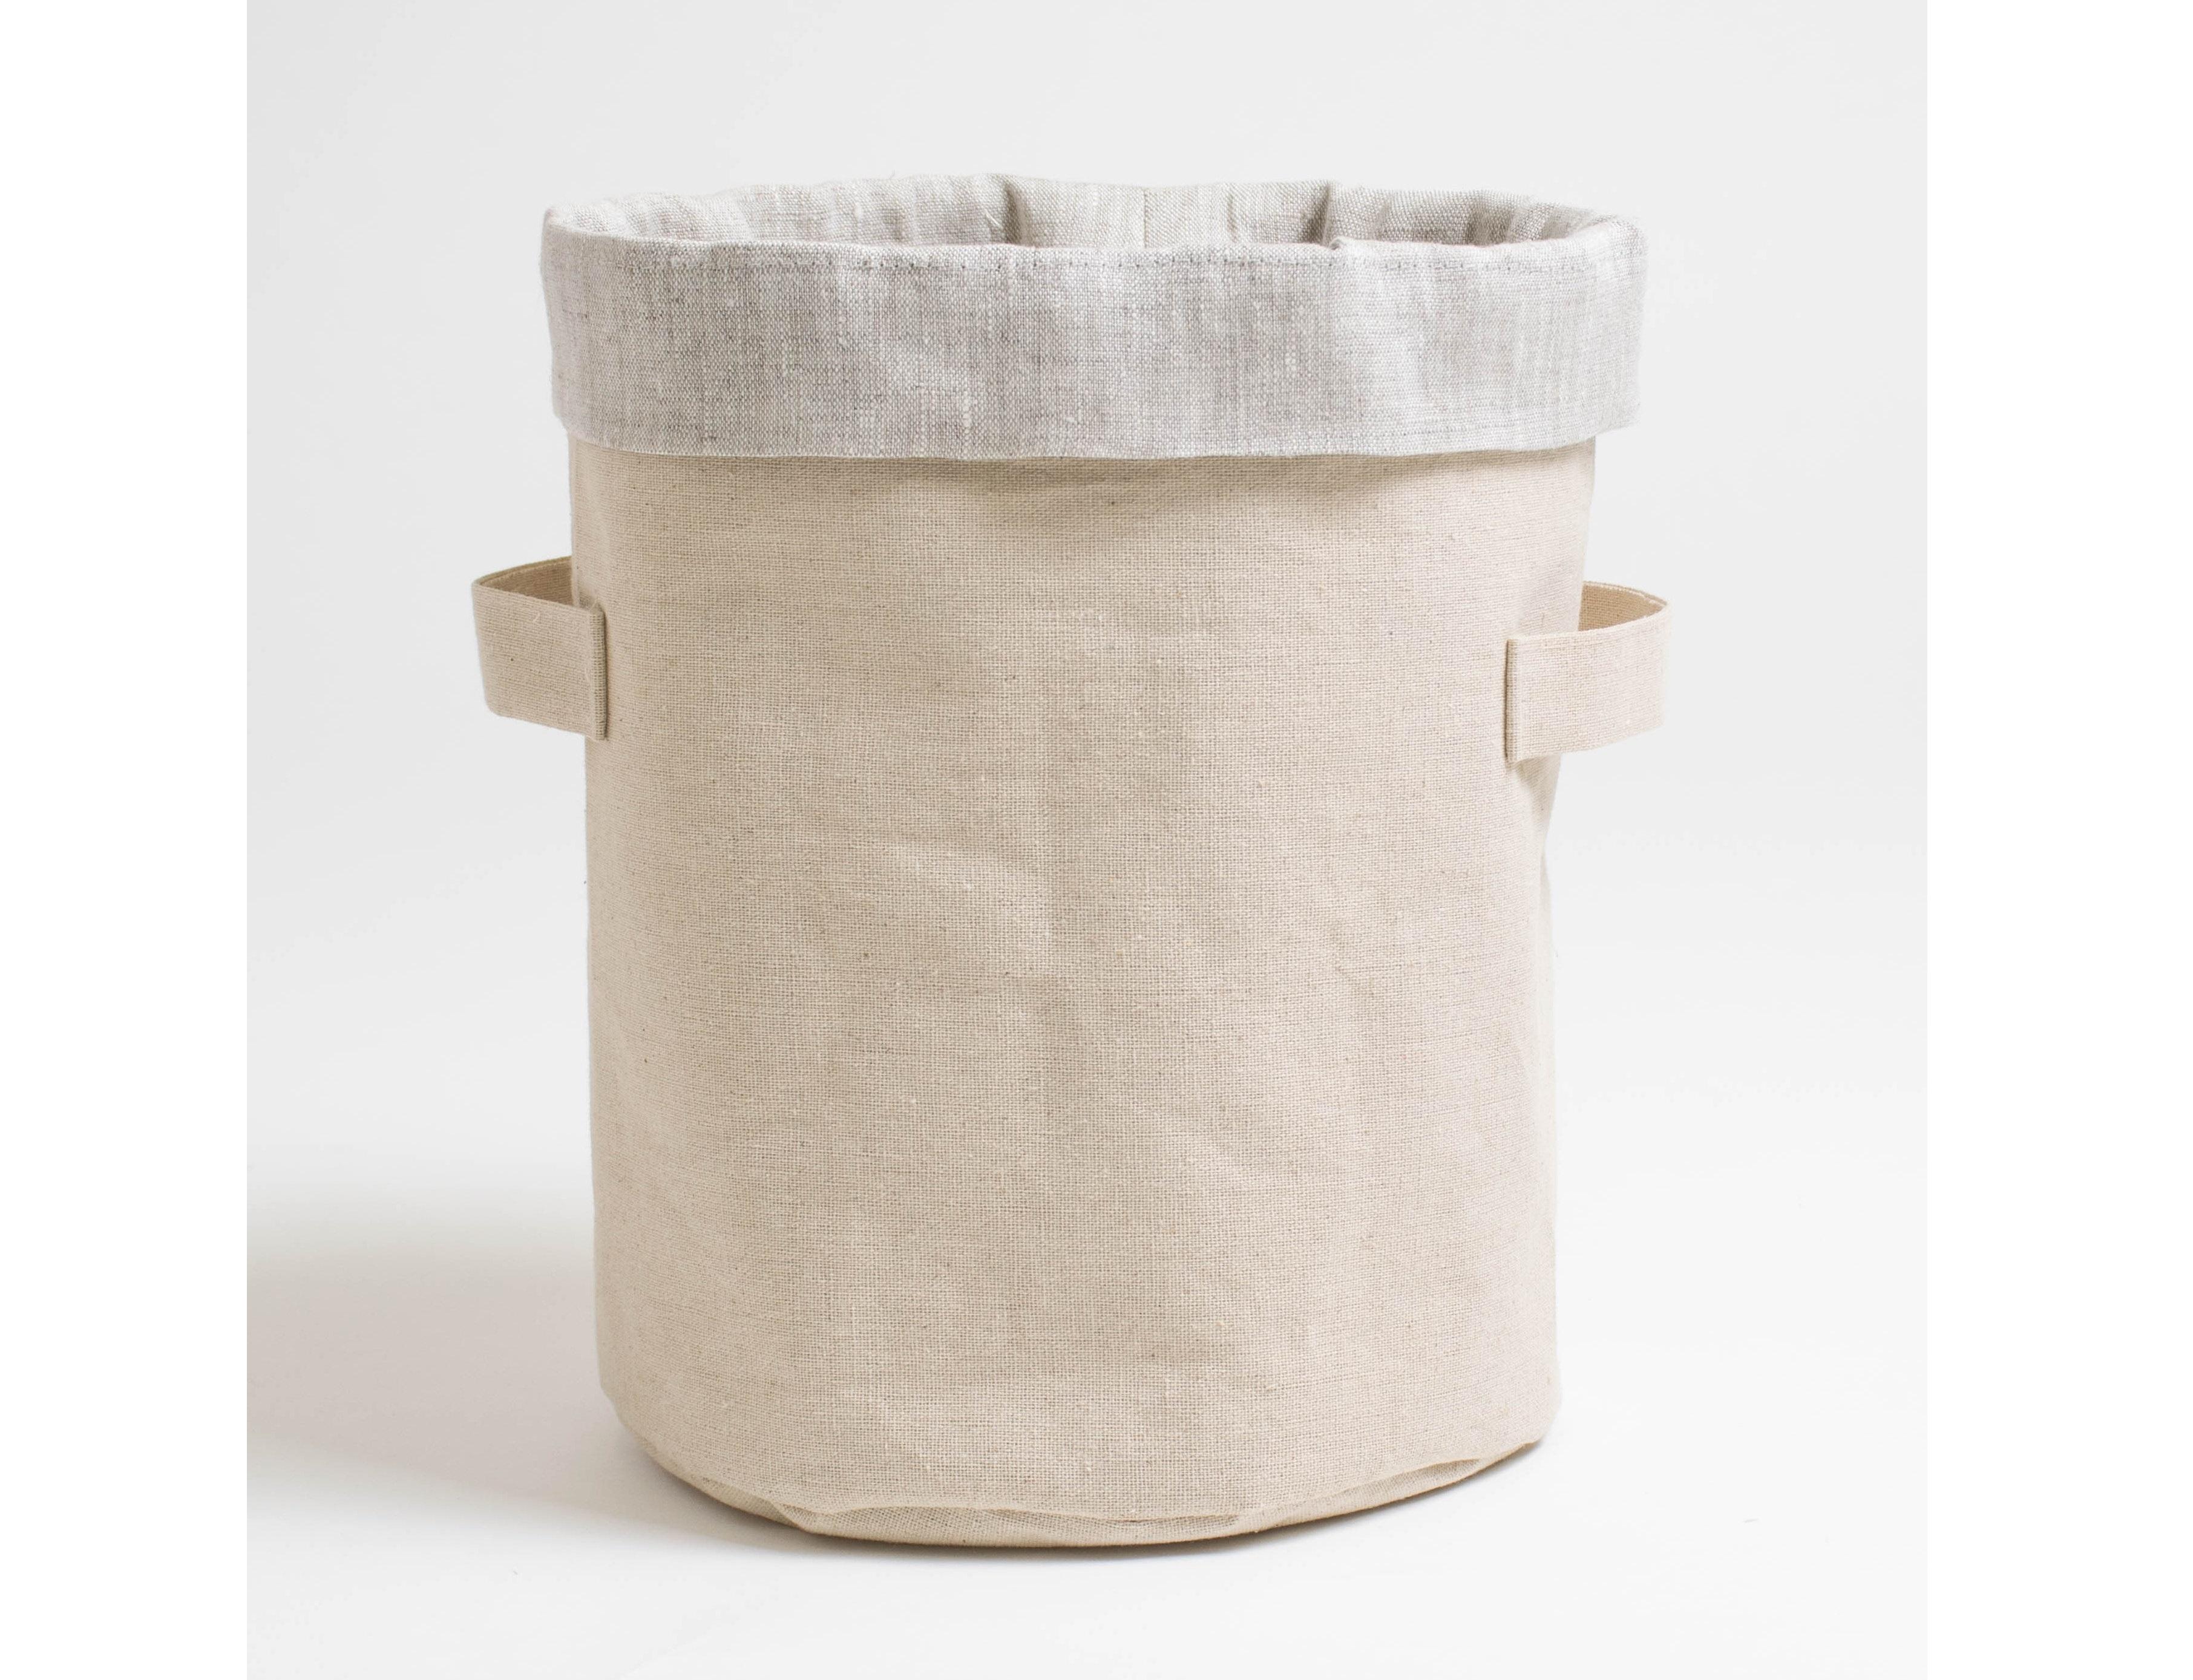 Короб круглый ПровансАксессуары для кухни<br>Короб «Прованс» цилиндрический выполнен из экоматериалов — внешняя сторона из сурового льна, внутренний чехол из хлопкольна серого цвета.<br><br>Прекрасное решение для красивой сервировки стола — это короб «Прованс», в него великолепно входят бутылочки с растительным маслом, бальзамическим уксусом и другими соусами. В этой цилиндрической корзинке можно также и хранить не только бутылочки, но и различные специи, конфеты или печенье — убрать их в шкафчик или поставить на открытую полку.&amp;amp;nbsp;<br><br>Material: Хлопок<br>Высота см: 27